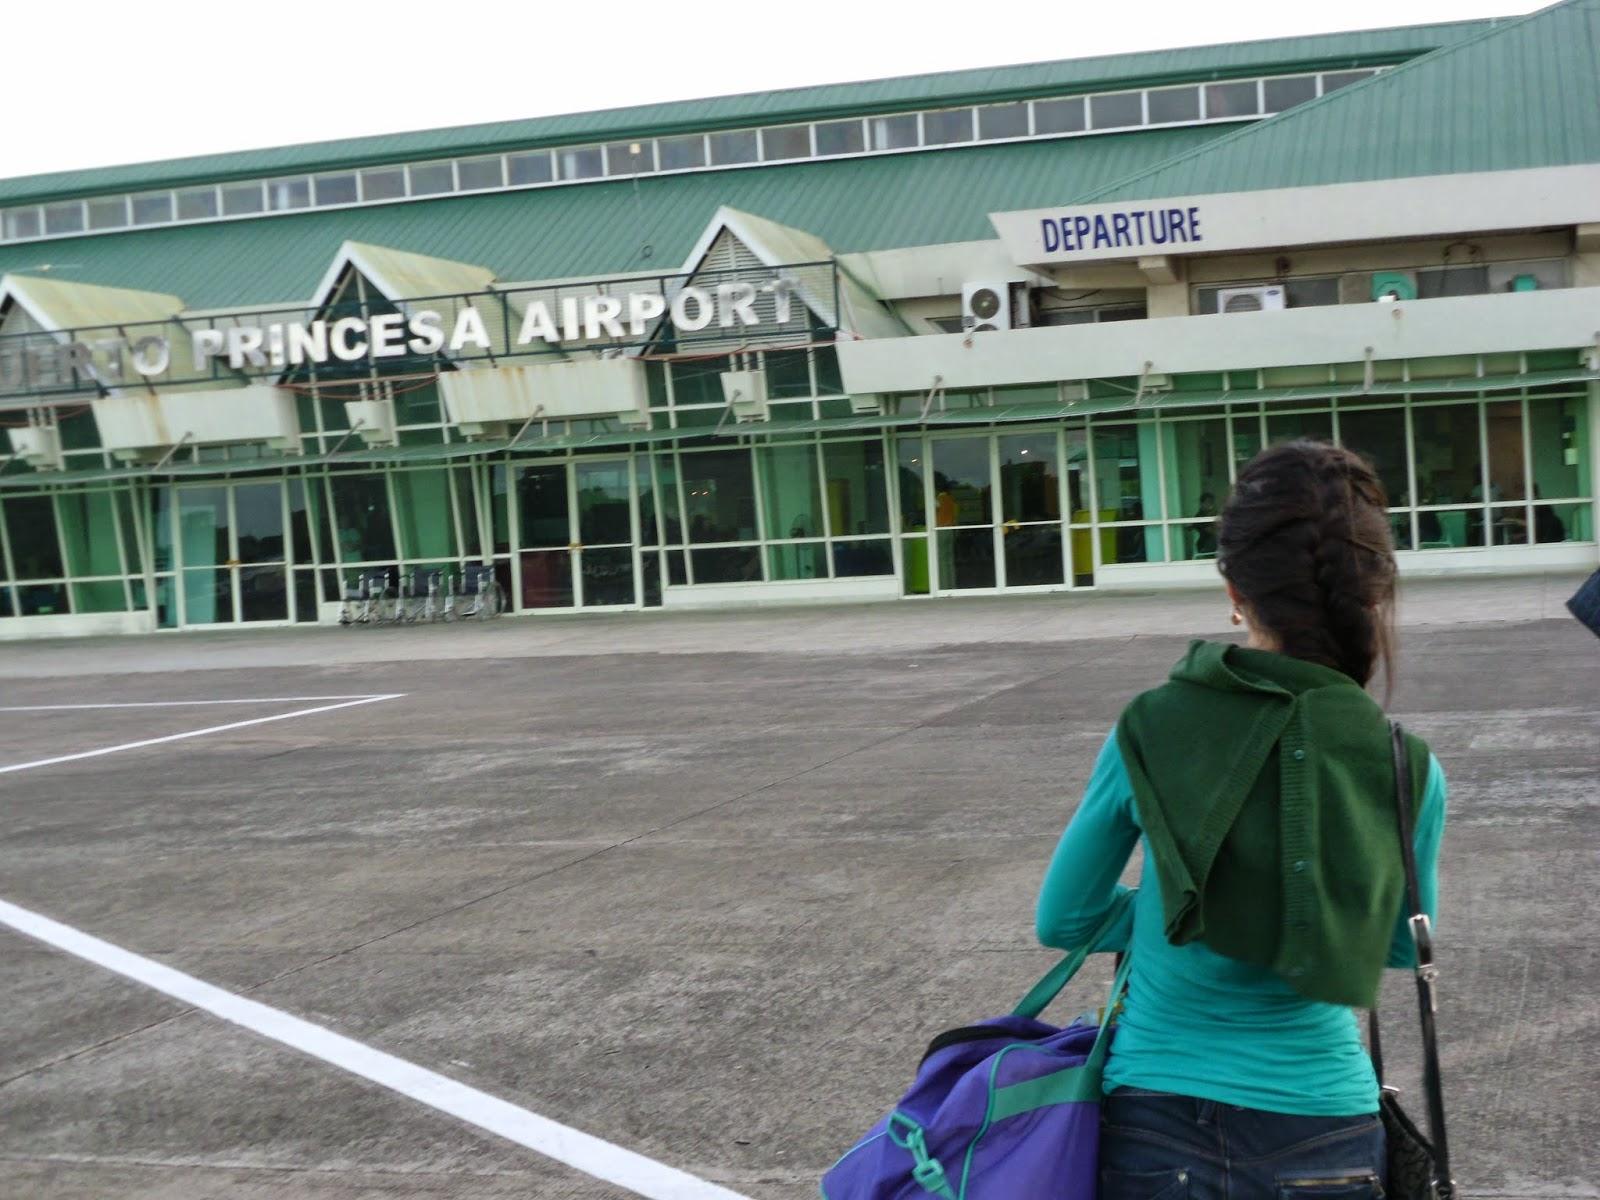 Aeroporto de Puerto Princesa